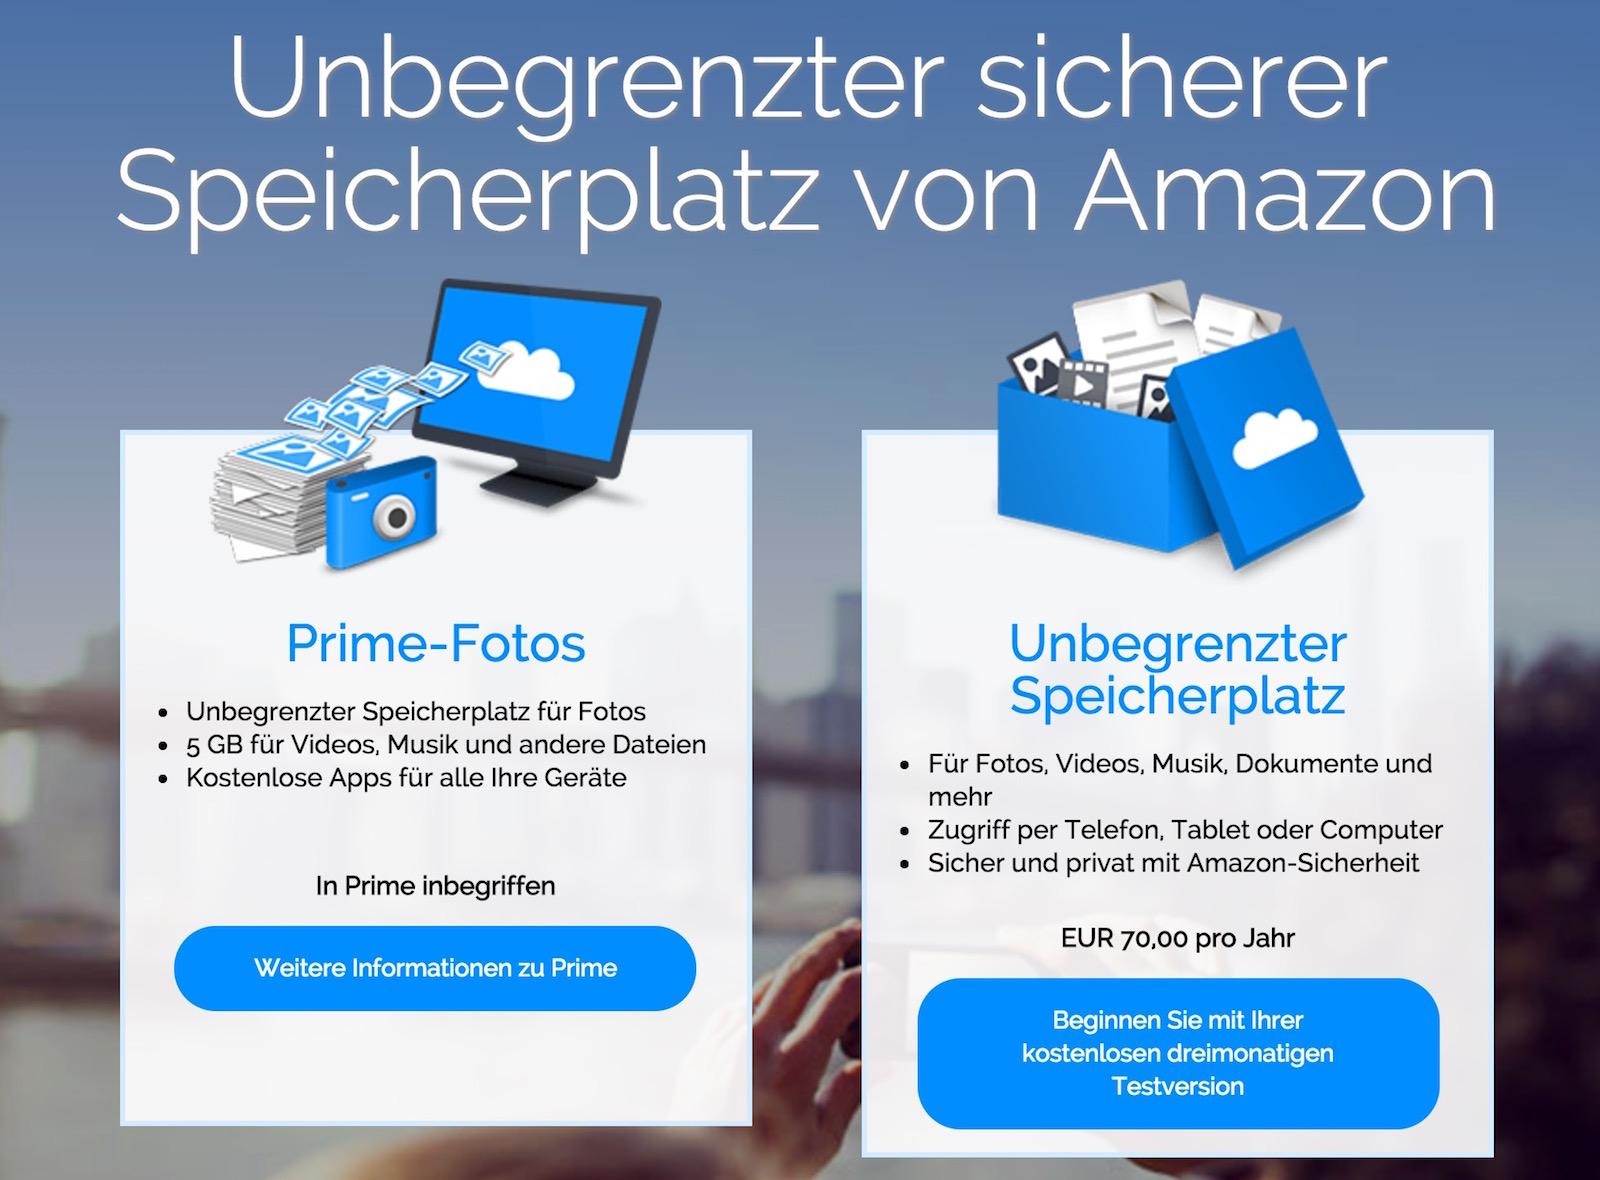 Amazon Cloud Drive mit unbegrenztem Speicher